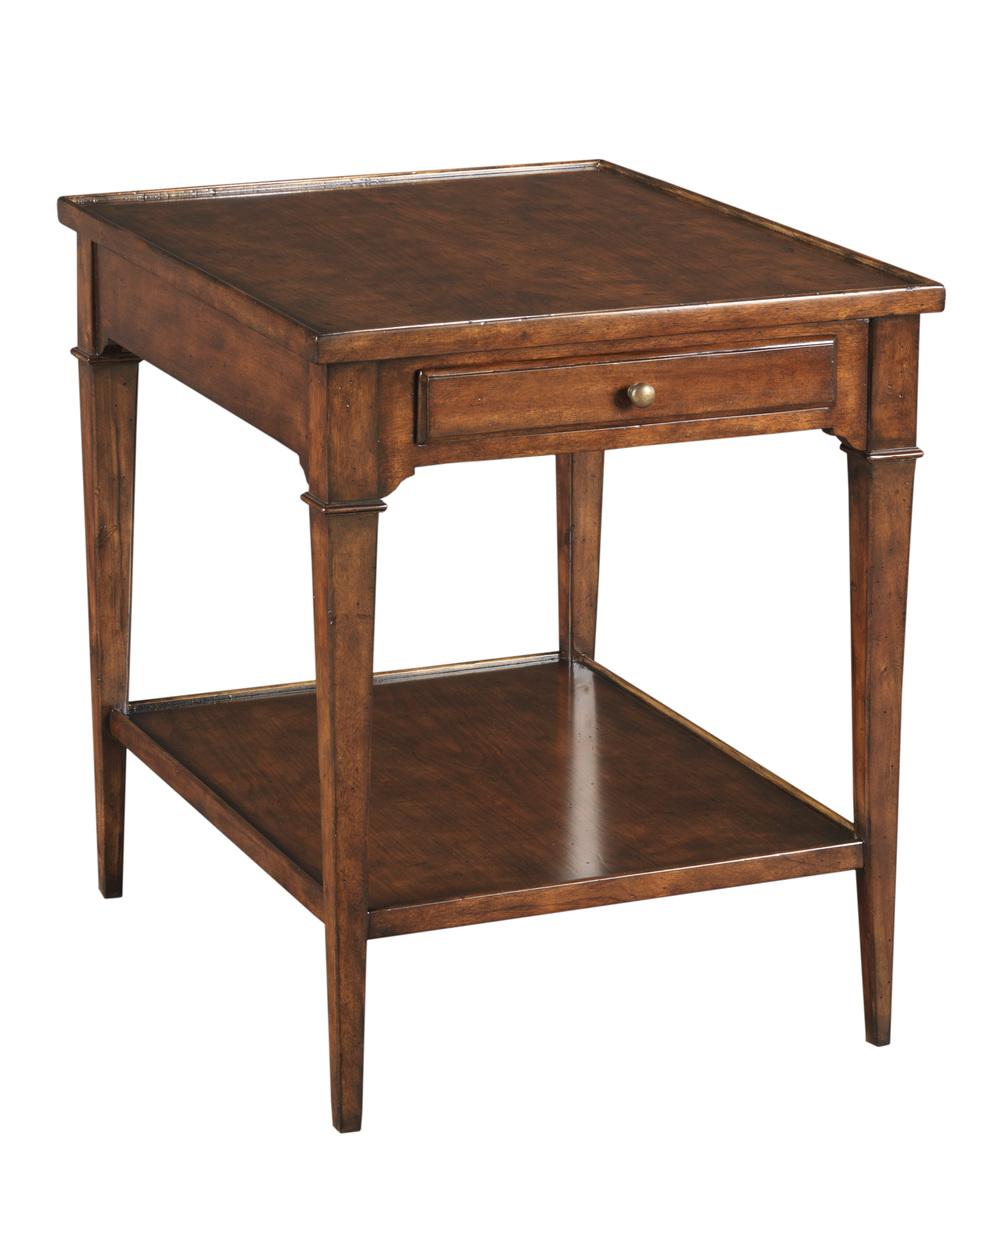 Woodbridge Furniture Company - Marseille Side Table